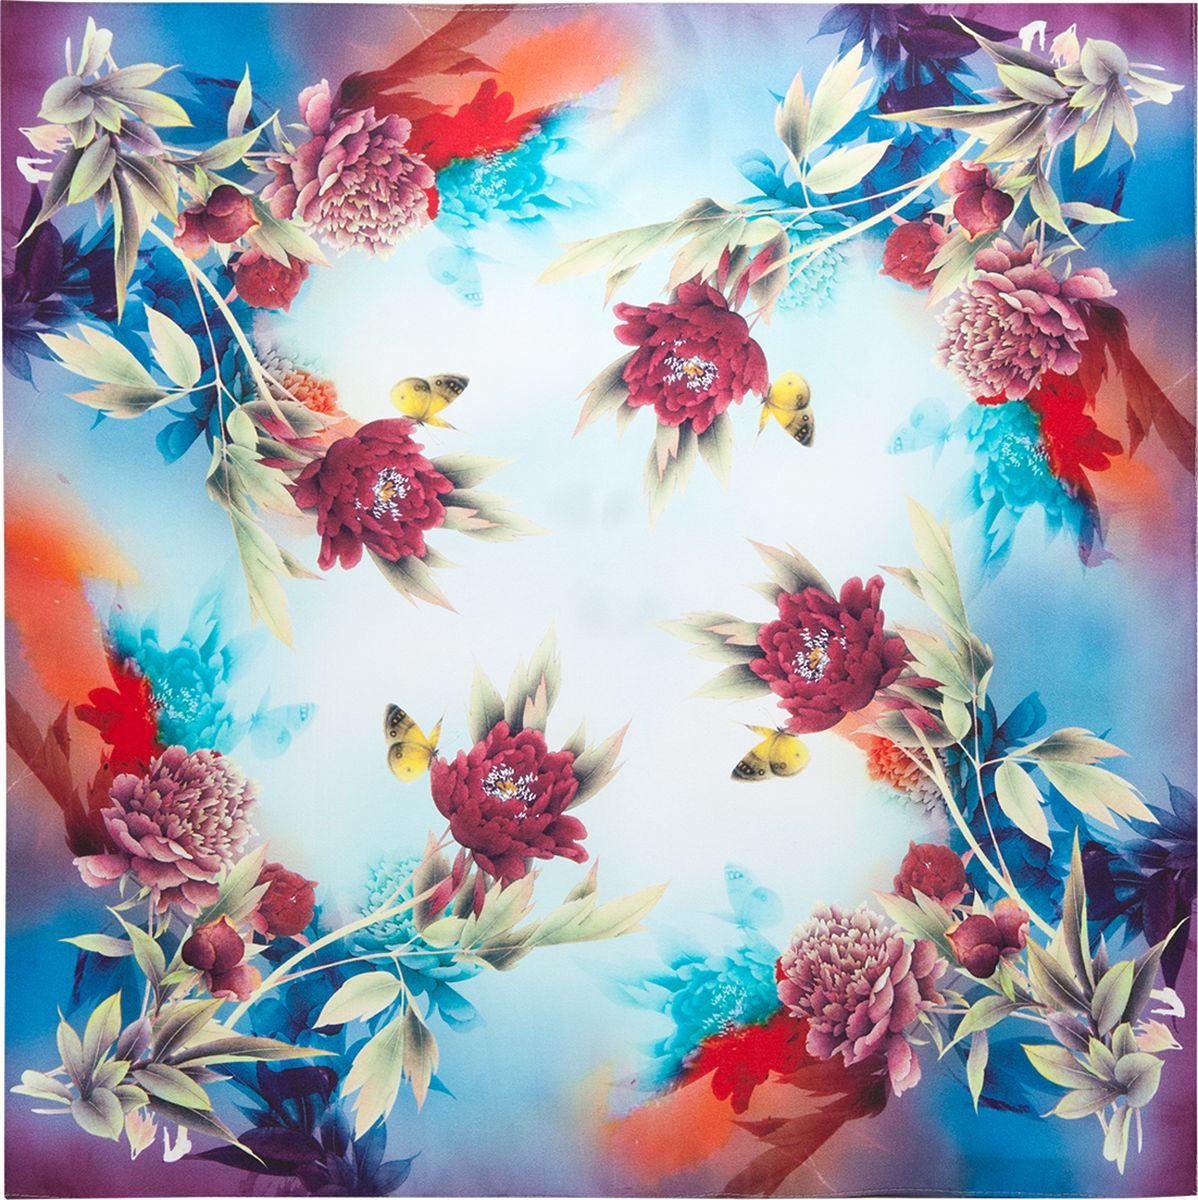 Платок женский Eleganzza, цвет: синий. SS03-7870. Размер 55 см х 55 смSS03-7870Платок Eleganzza, выполненный из шелка, внесет яркий акцент в романтический образ. Модель оформлена цветочным принтом.Классическая квадратная форма позволяет носить платок на шее, украшать им прическу или декорировать сумочку.